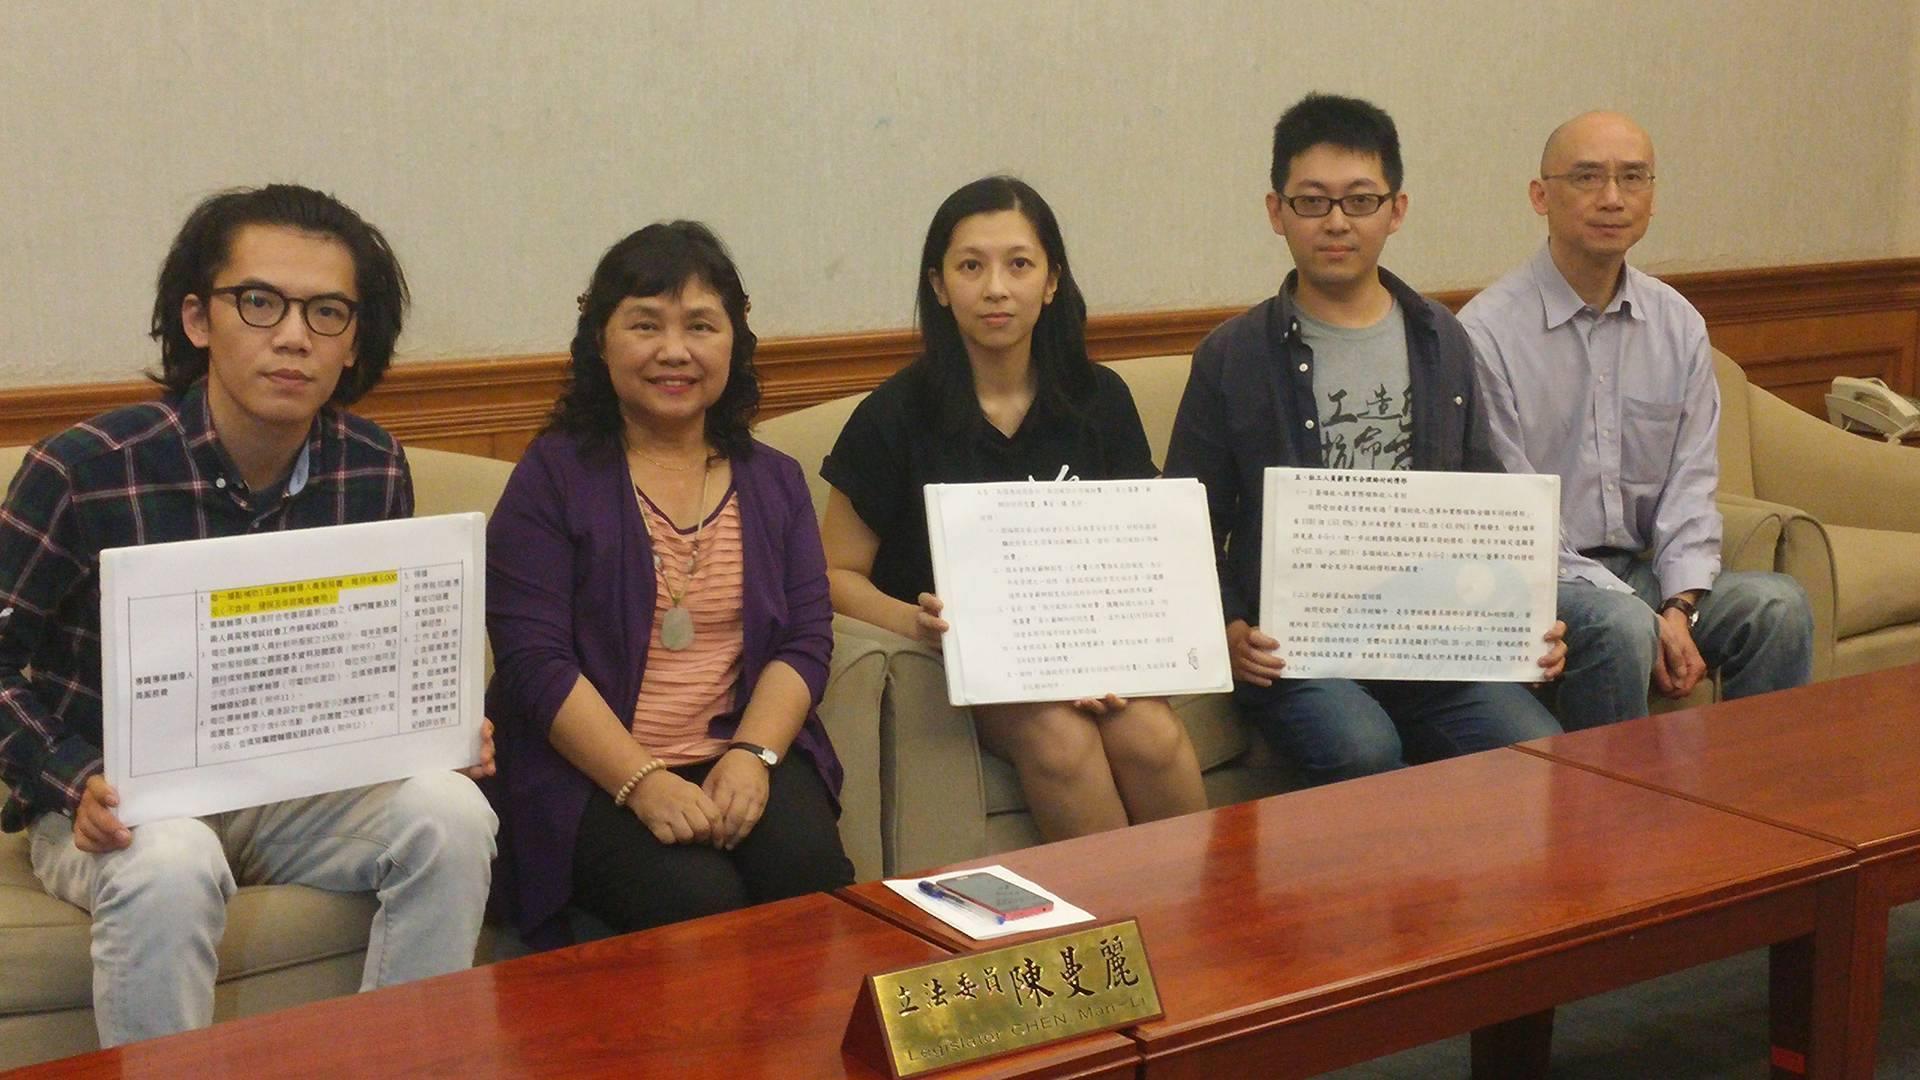 臺北市、新北市與桃園市社會工作人員職業工會於今年 4/29,在立法委員陳曼麗陪同下召開記者會